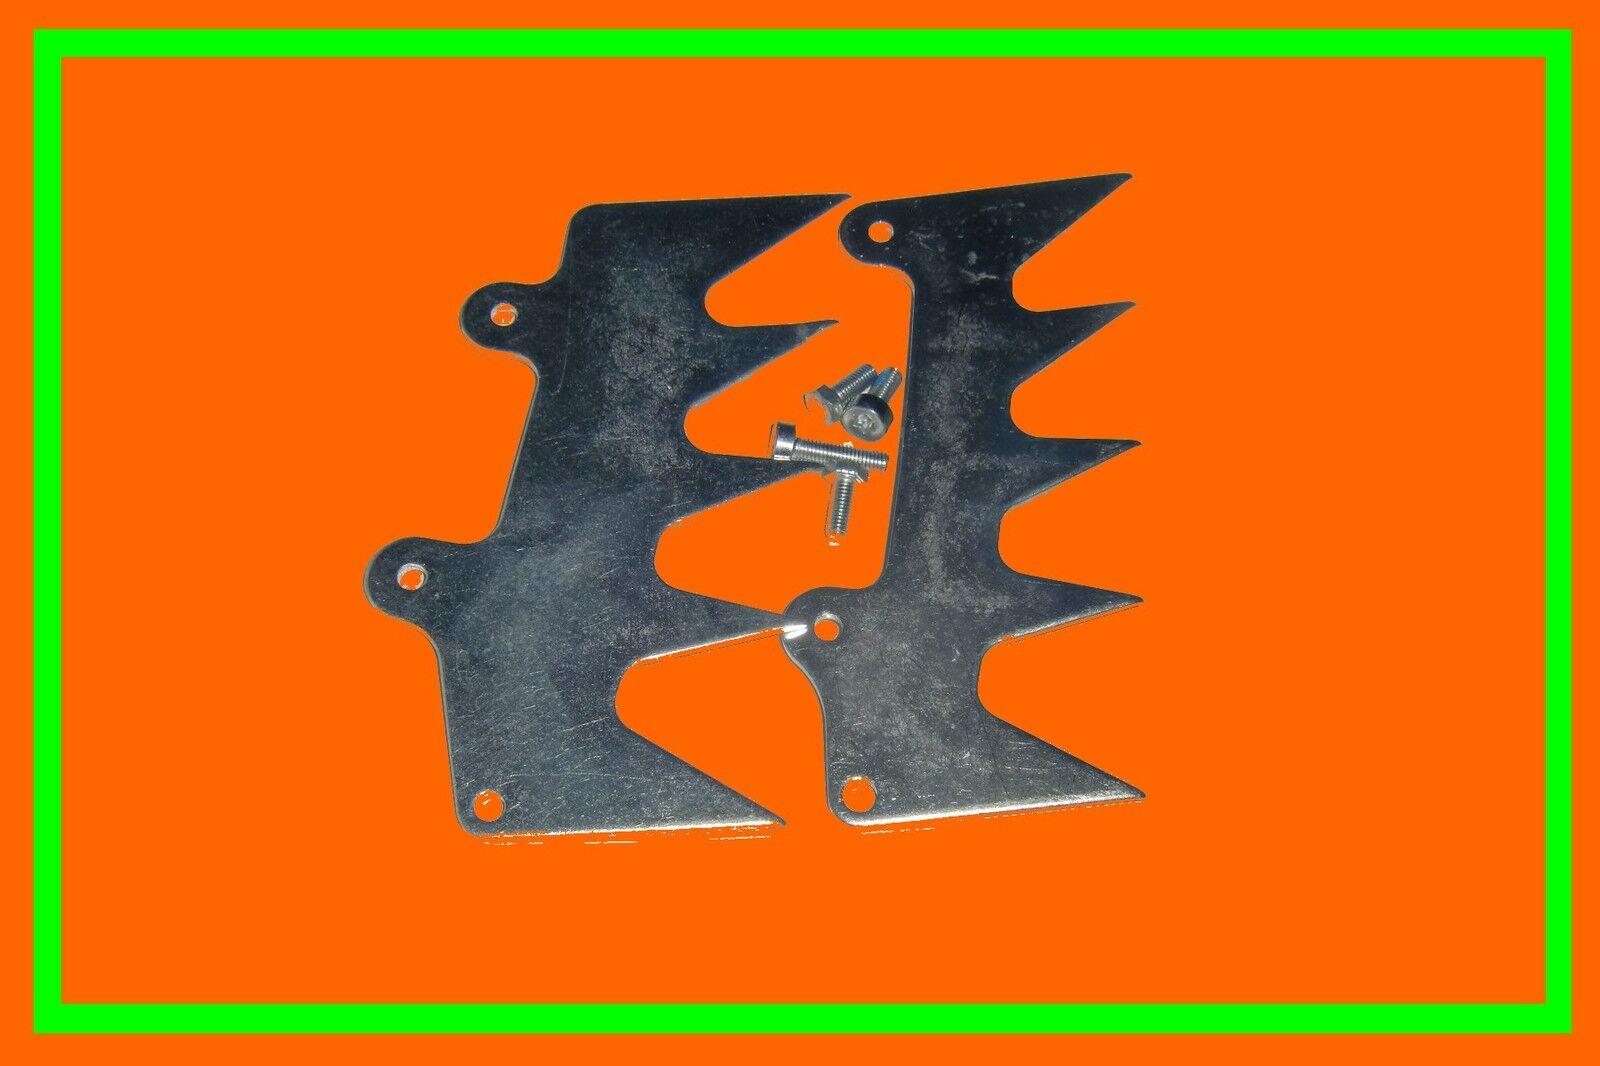 Zackenleiste Bumper spike am Seitendeckel für Stihl 066 MS660 MS 660